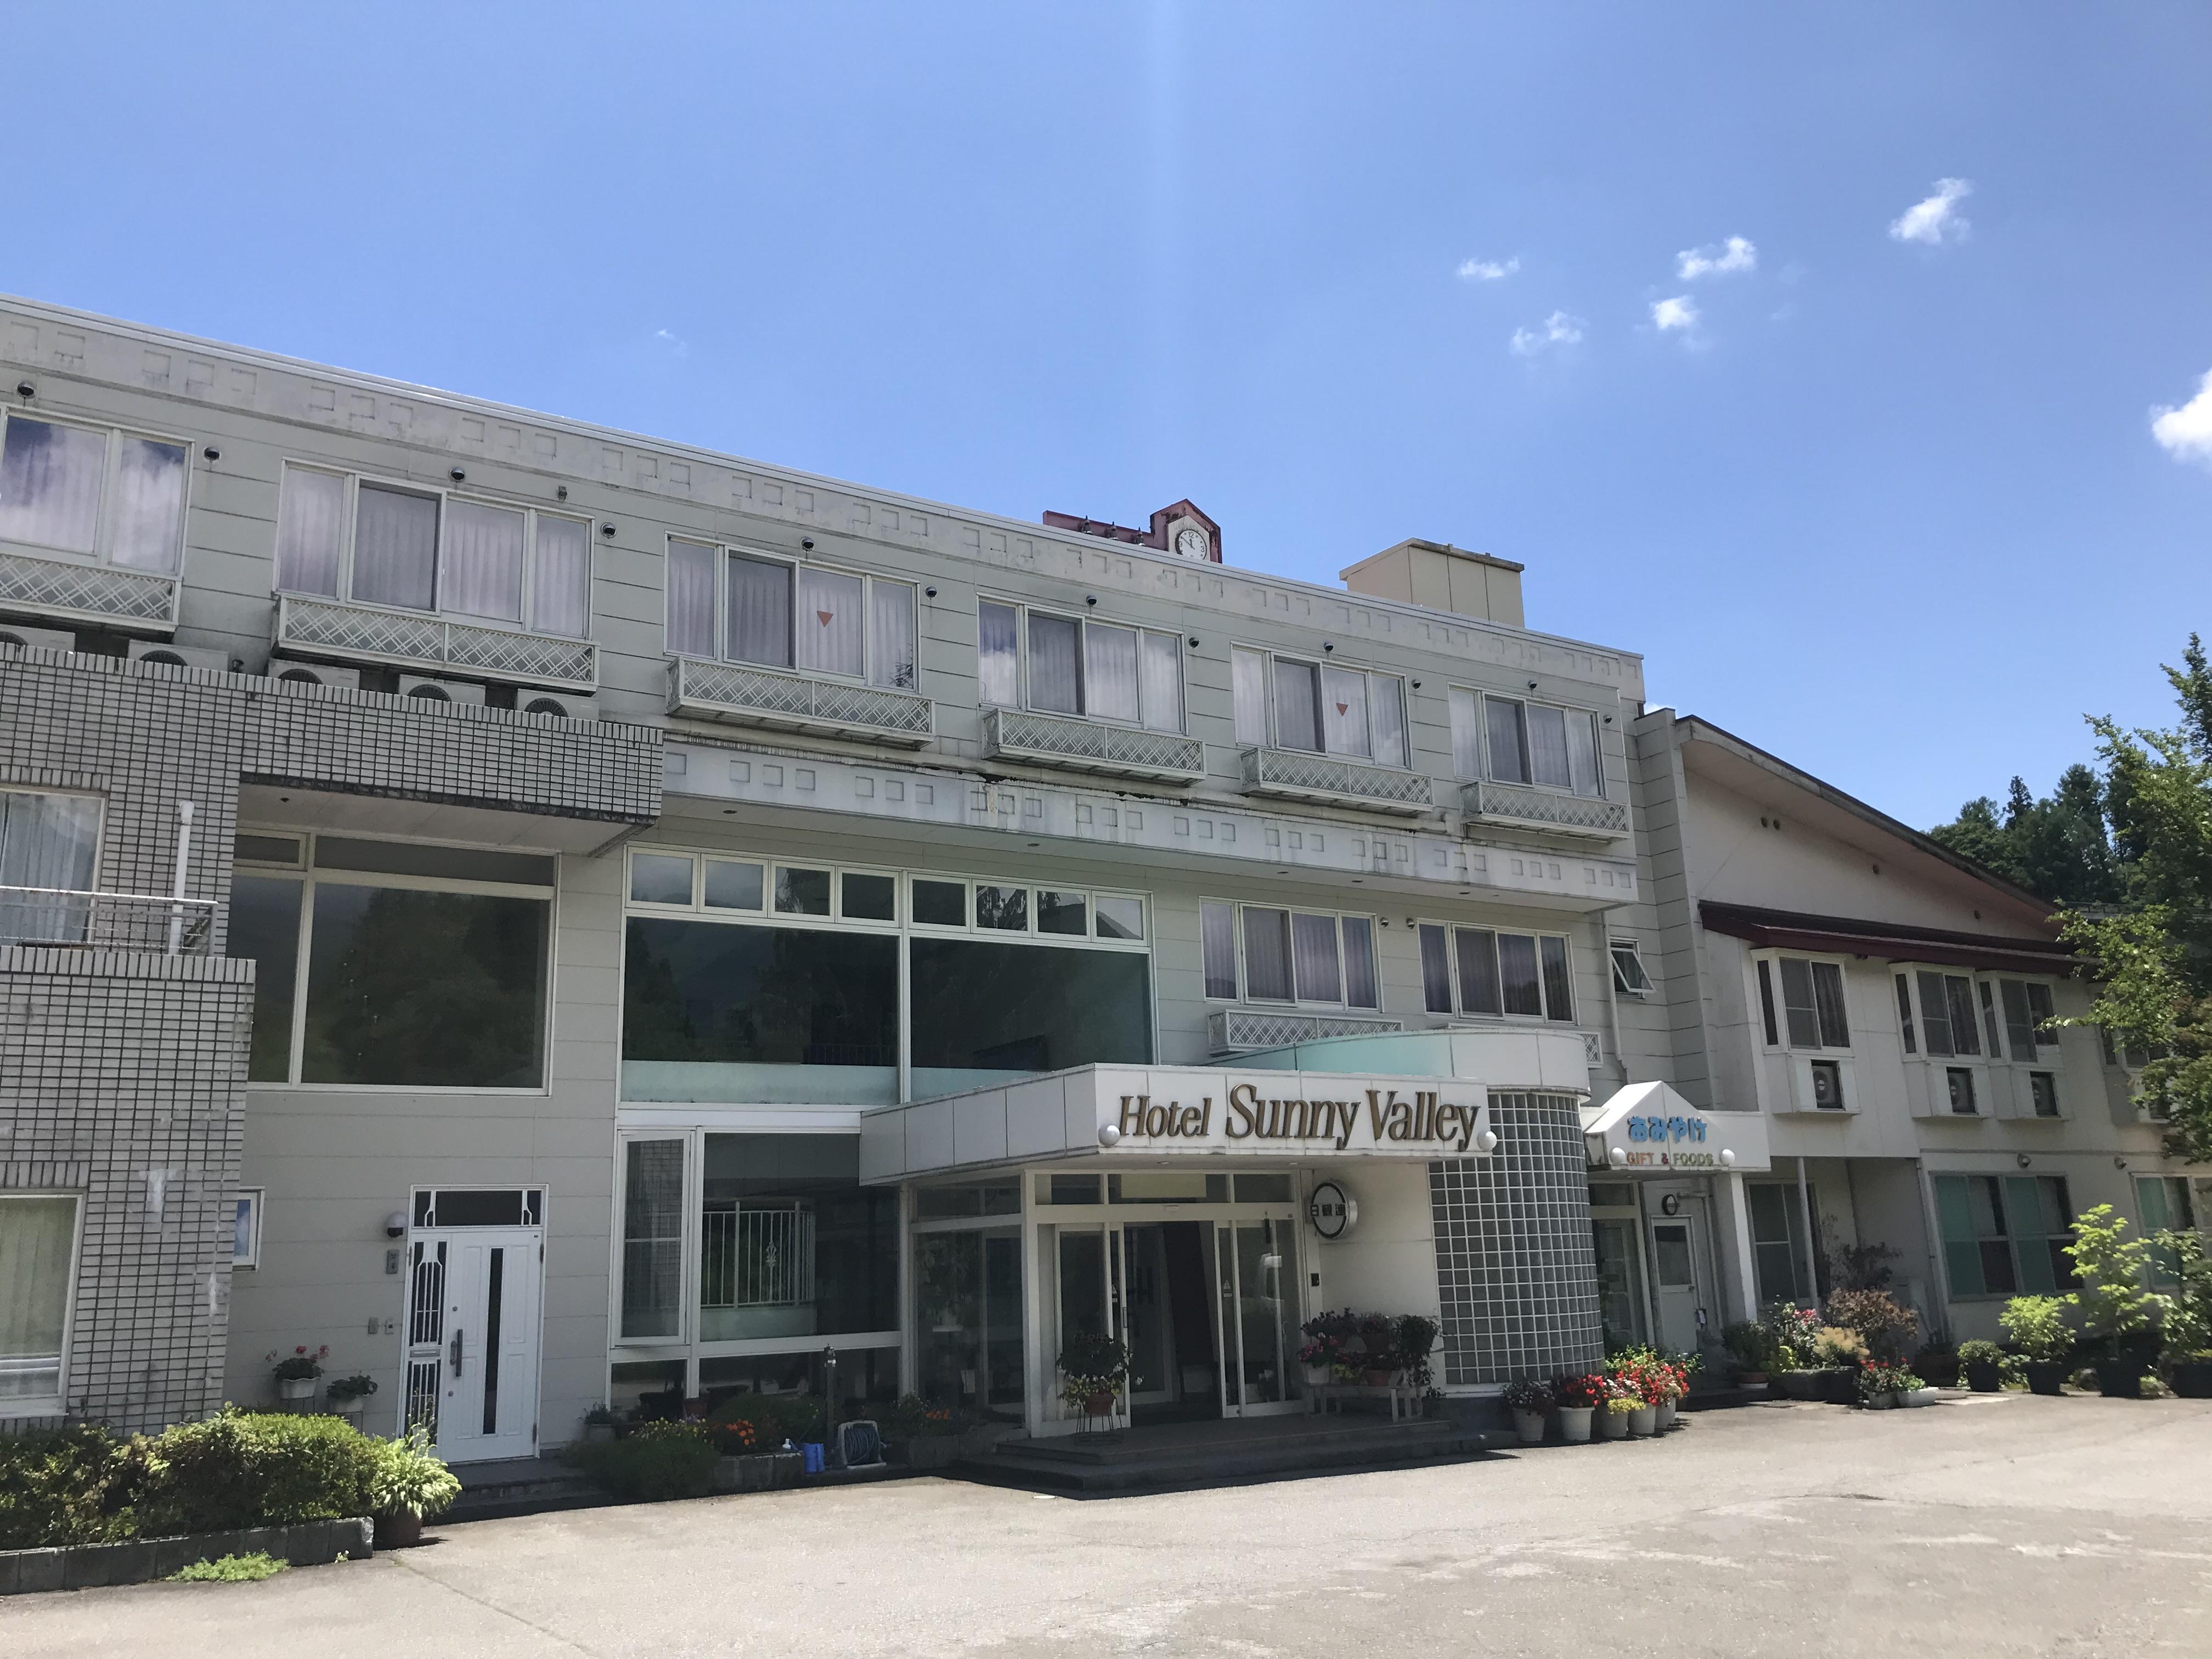 ホテルサニーバレーのイメージ1